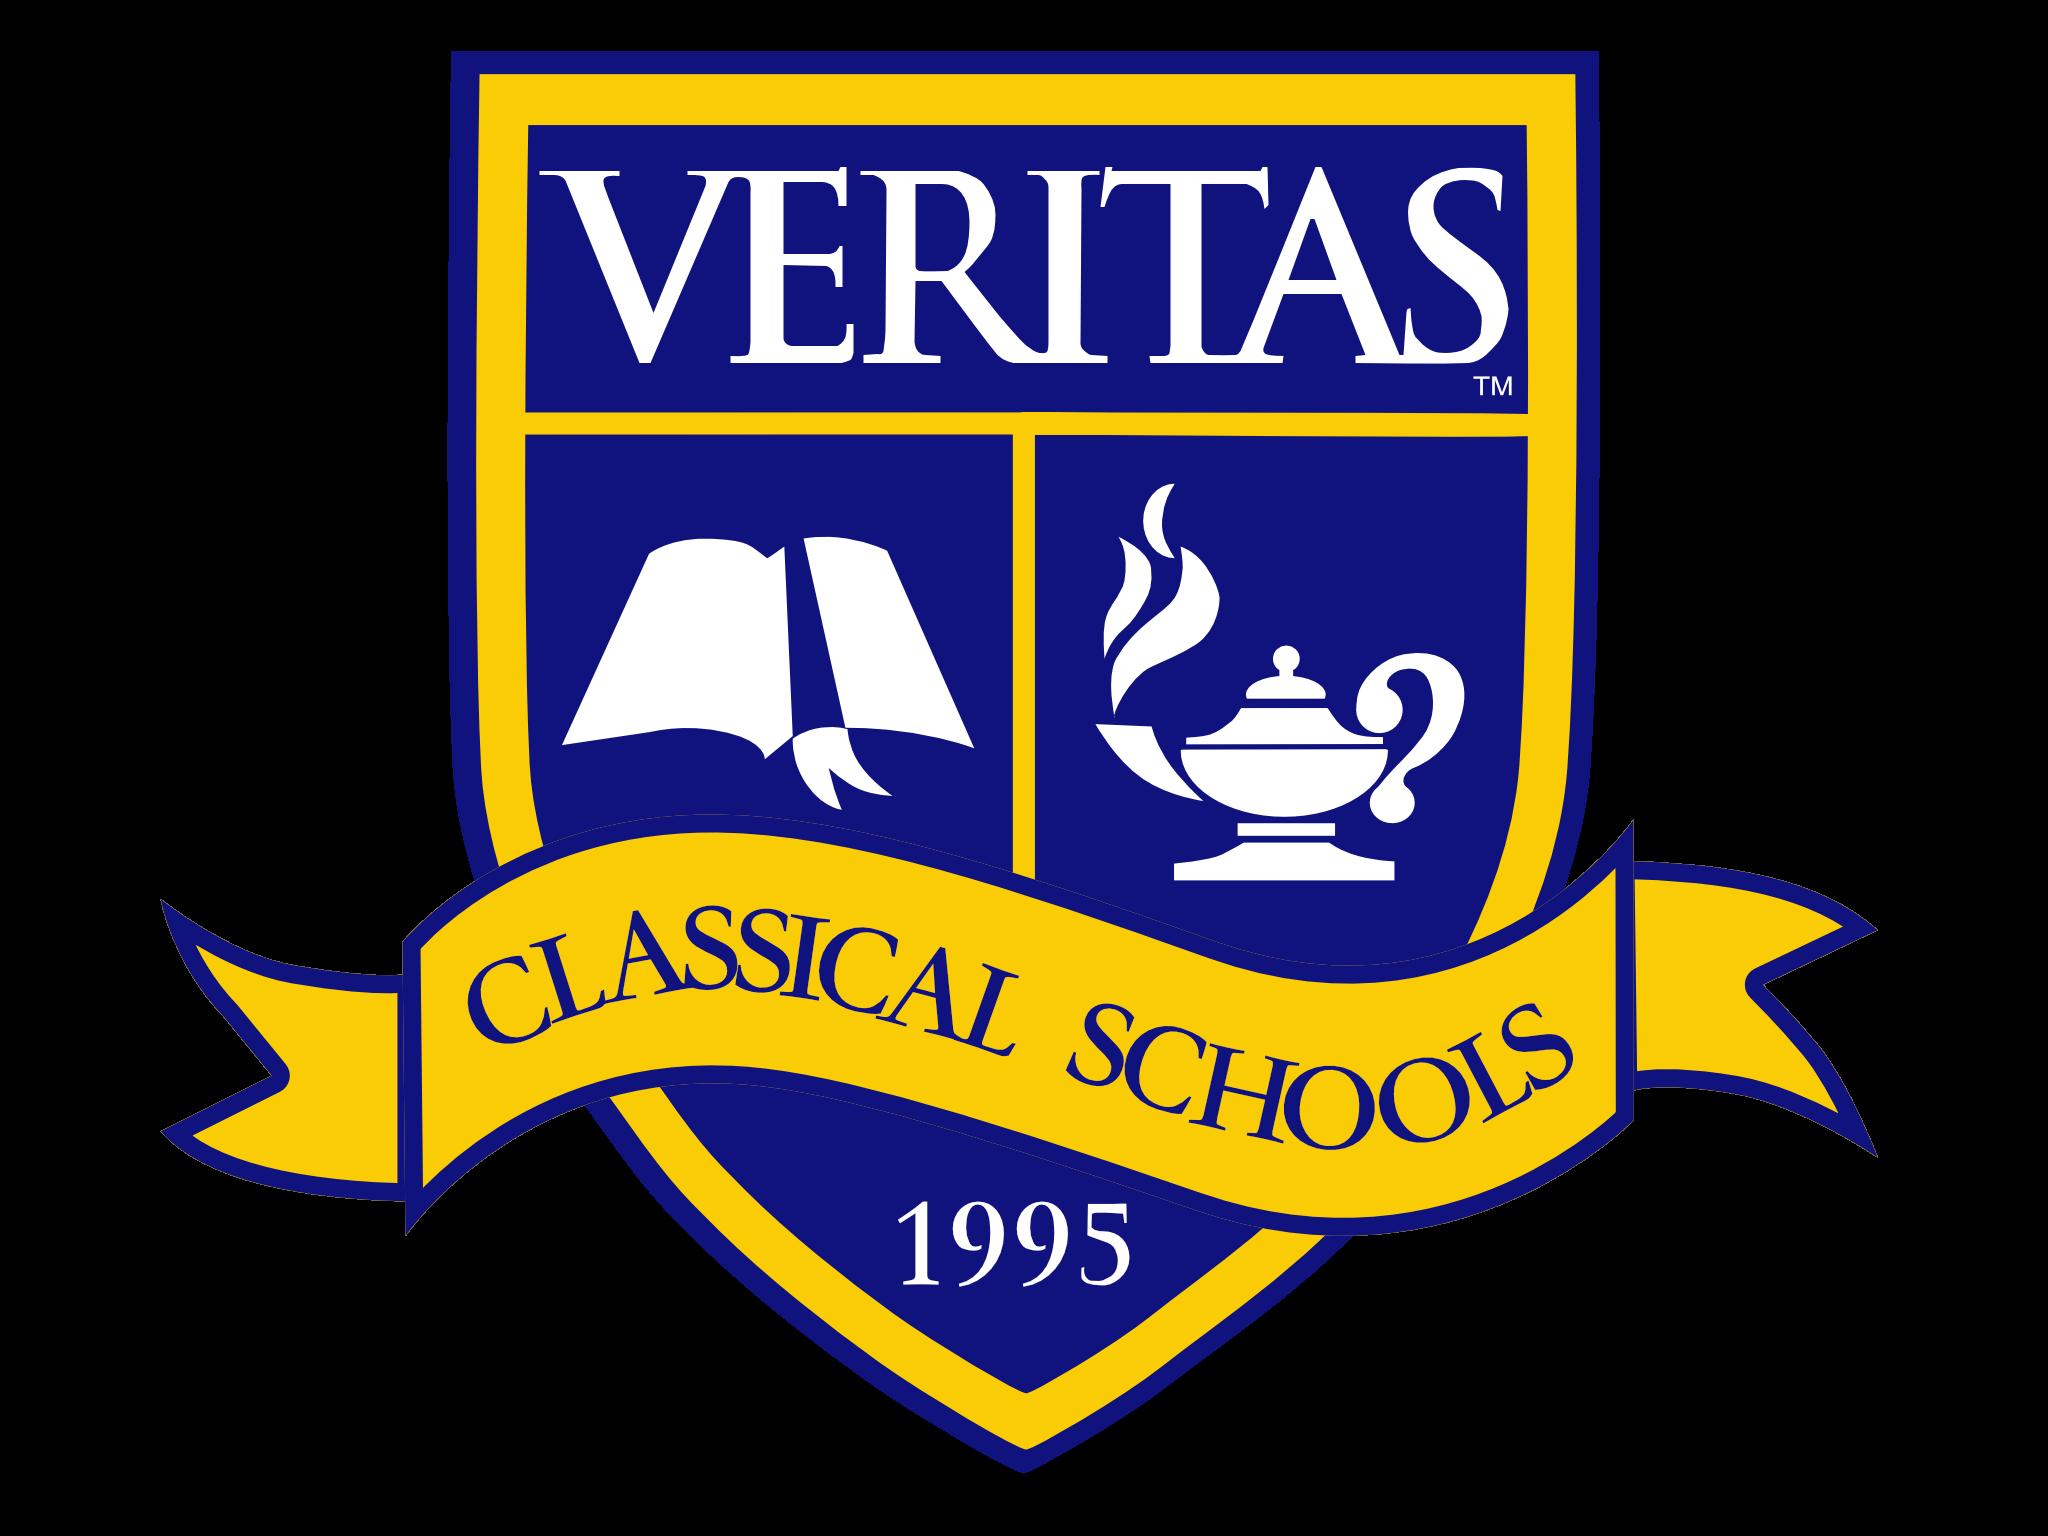 Veritas Classical Schools of Dawson